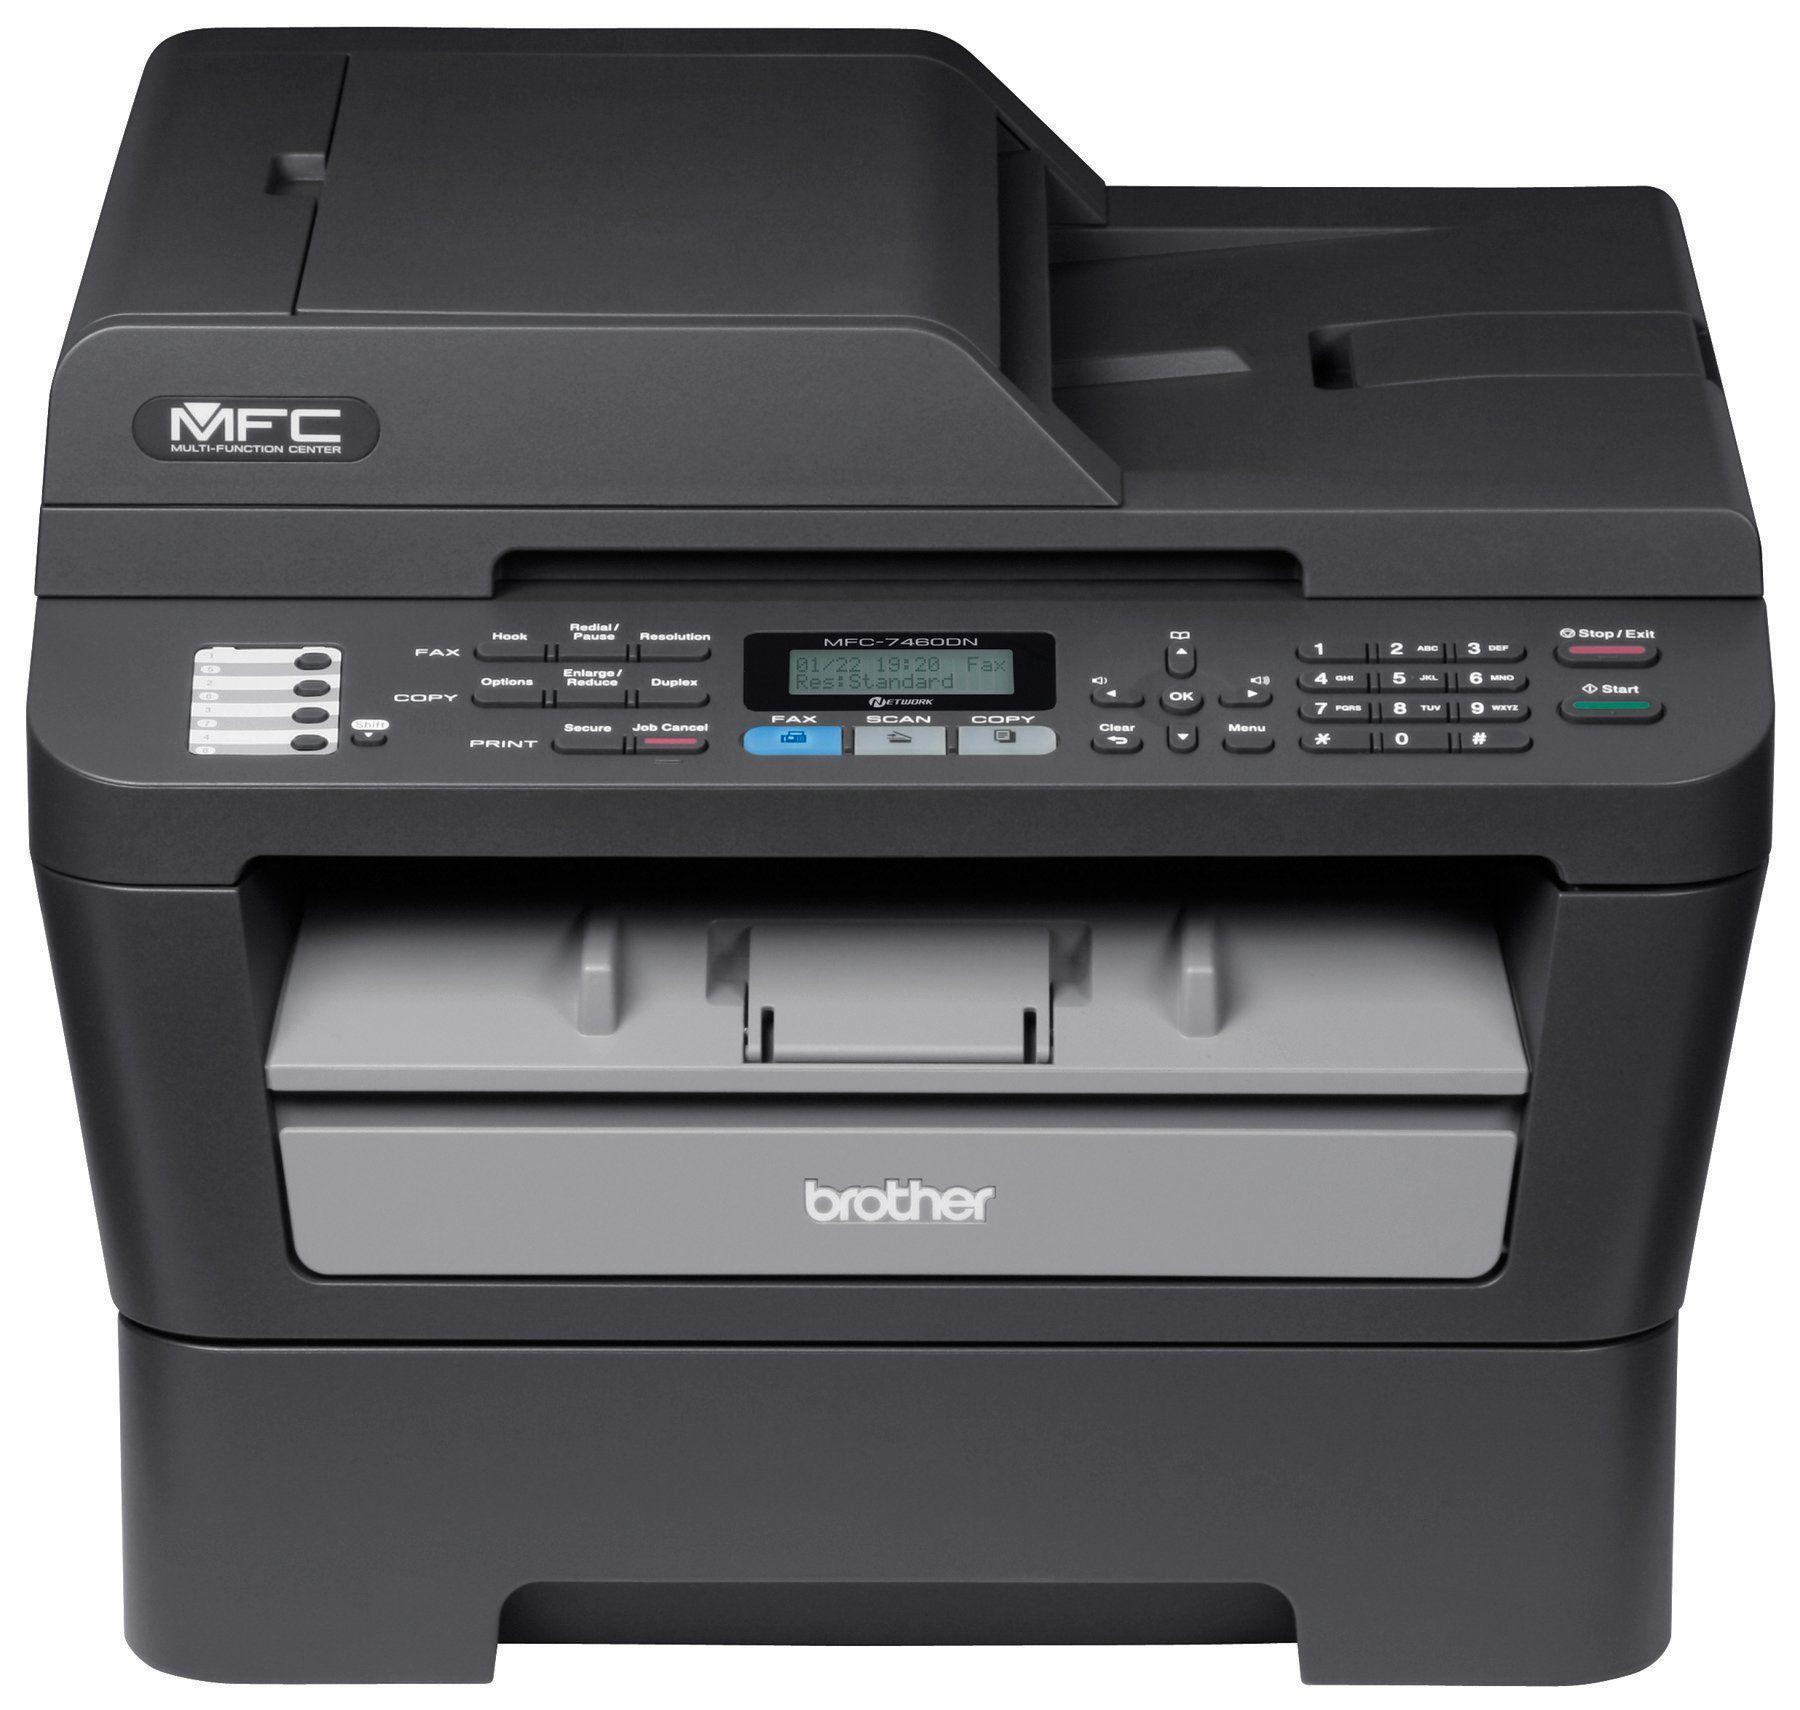 Brother EMFC7460DN Monochrome Printer with Scanner, Copier